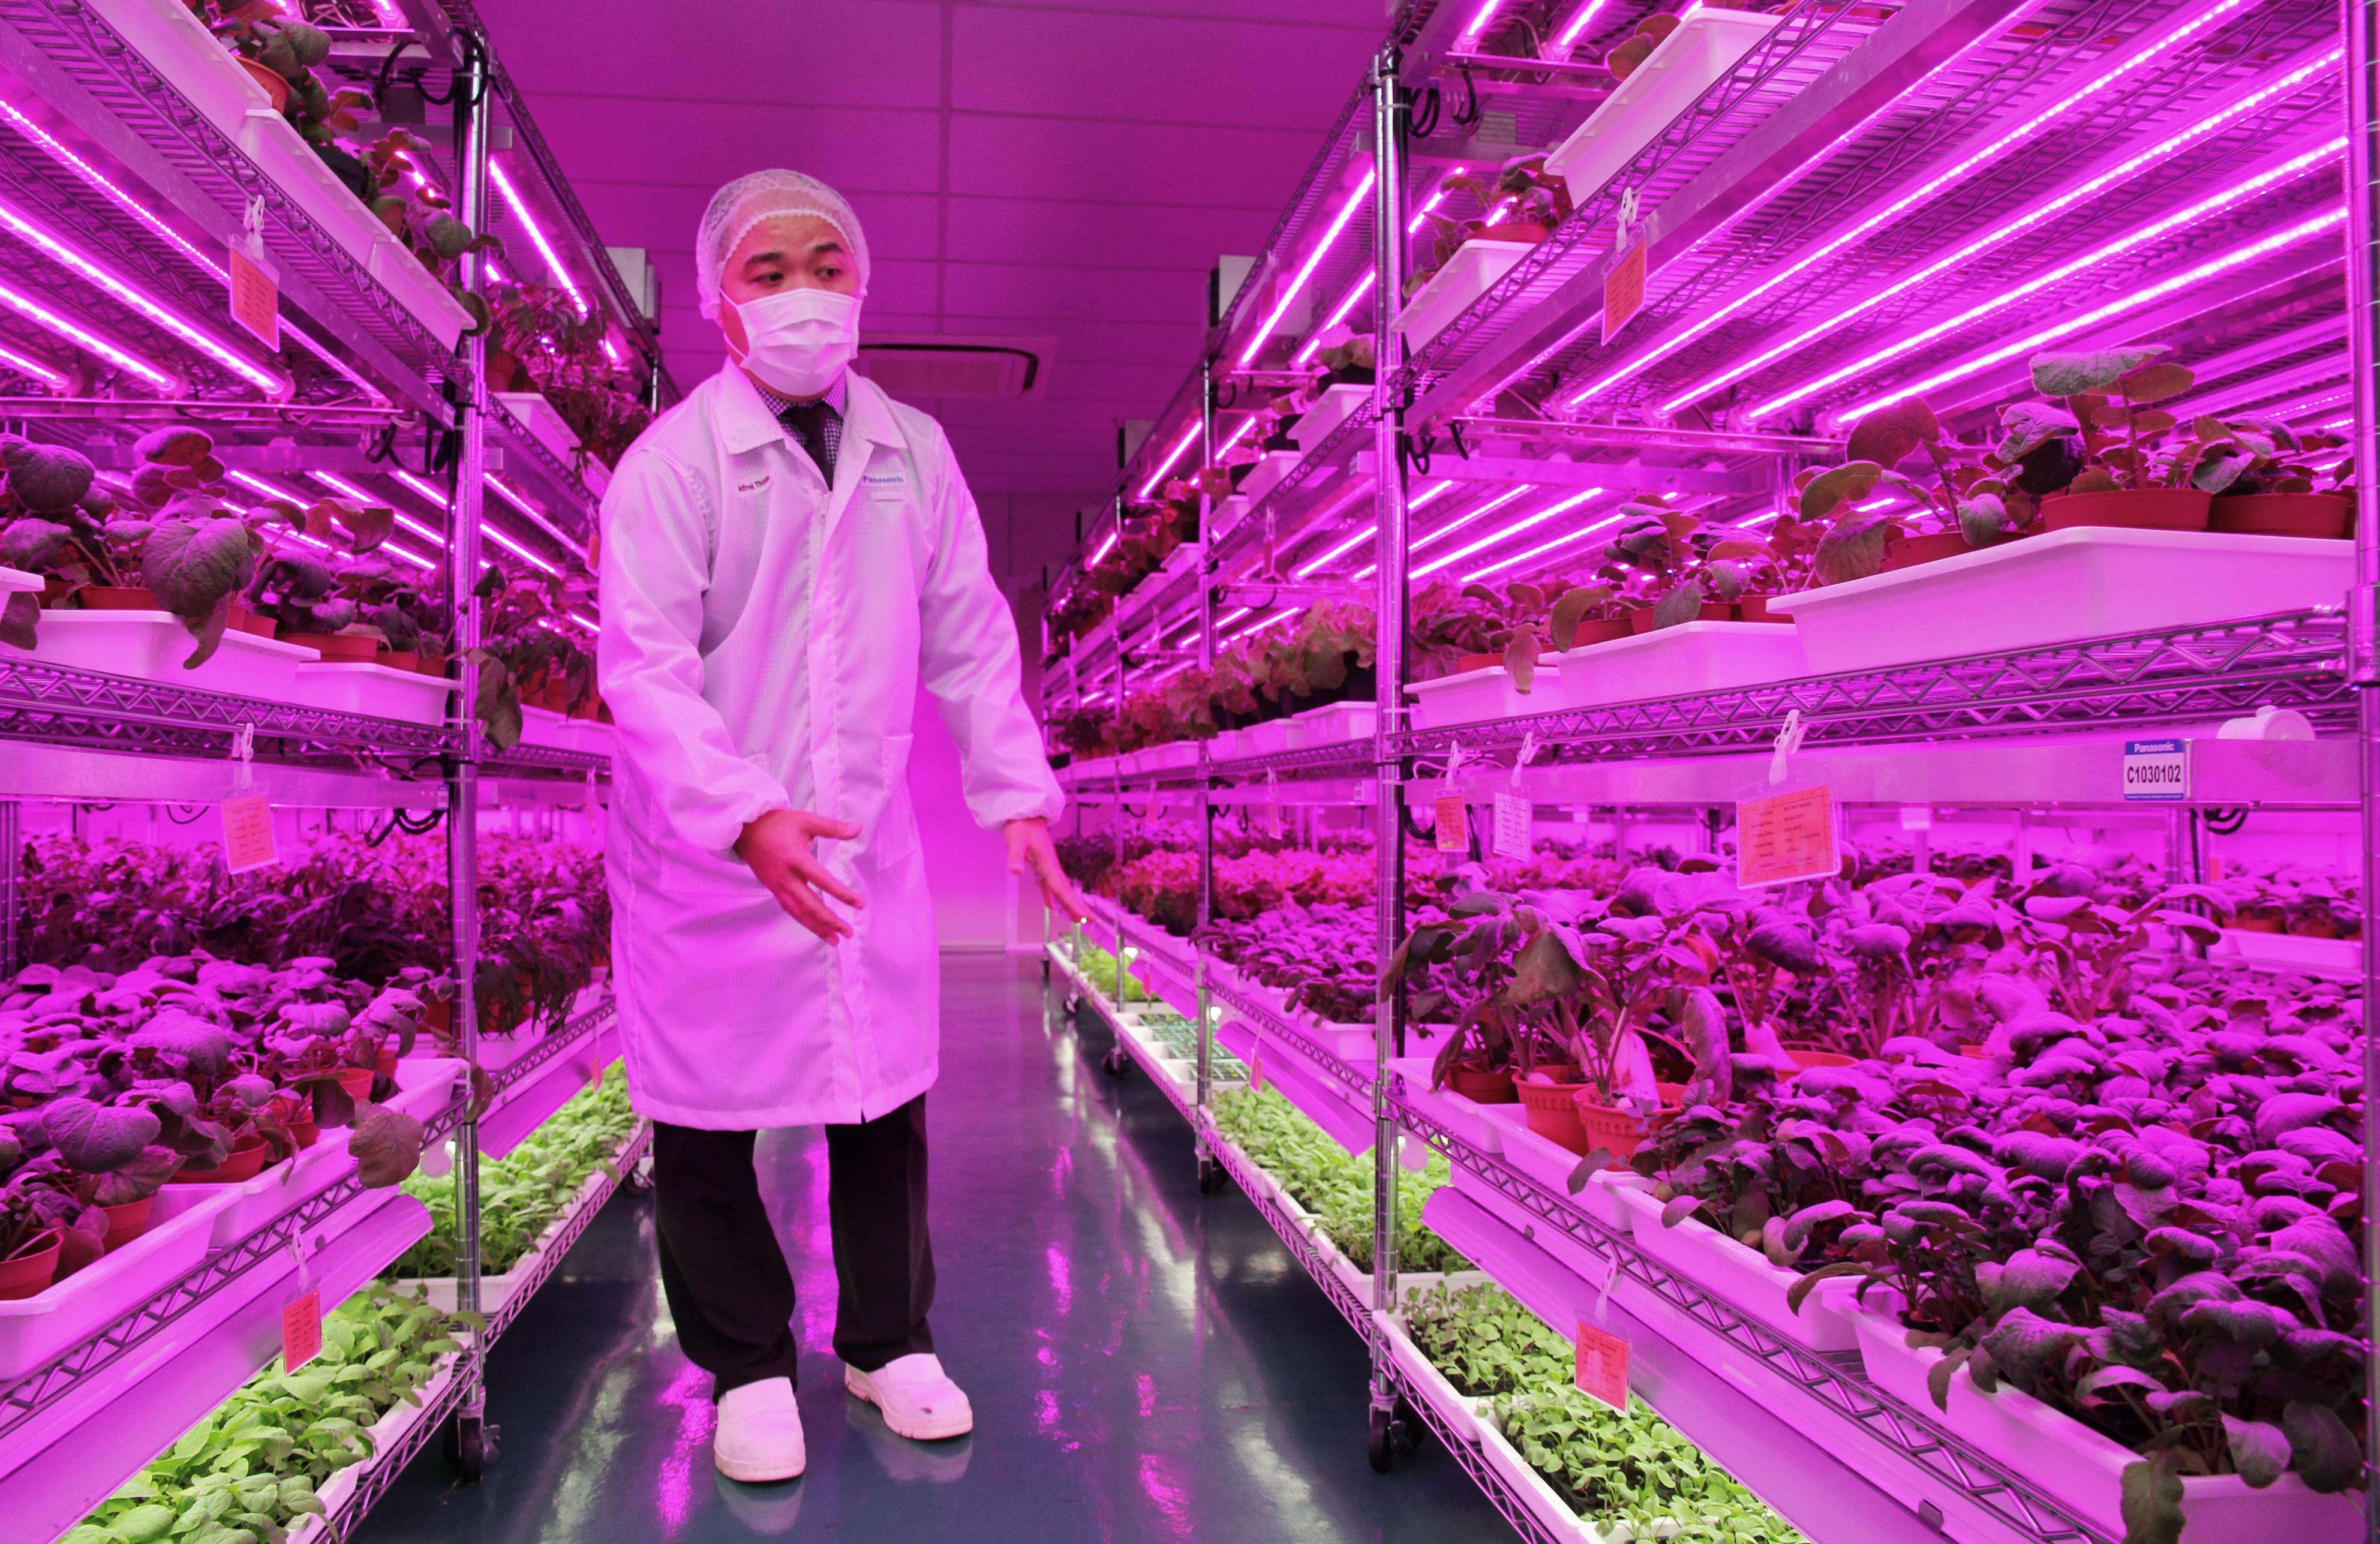 パナソニックがシンガポールで「植物工場」:独自の技術で食糧生産に貢献 Agri In Asia